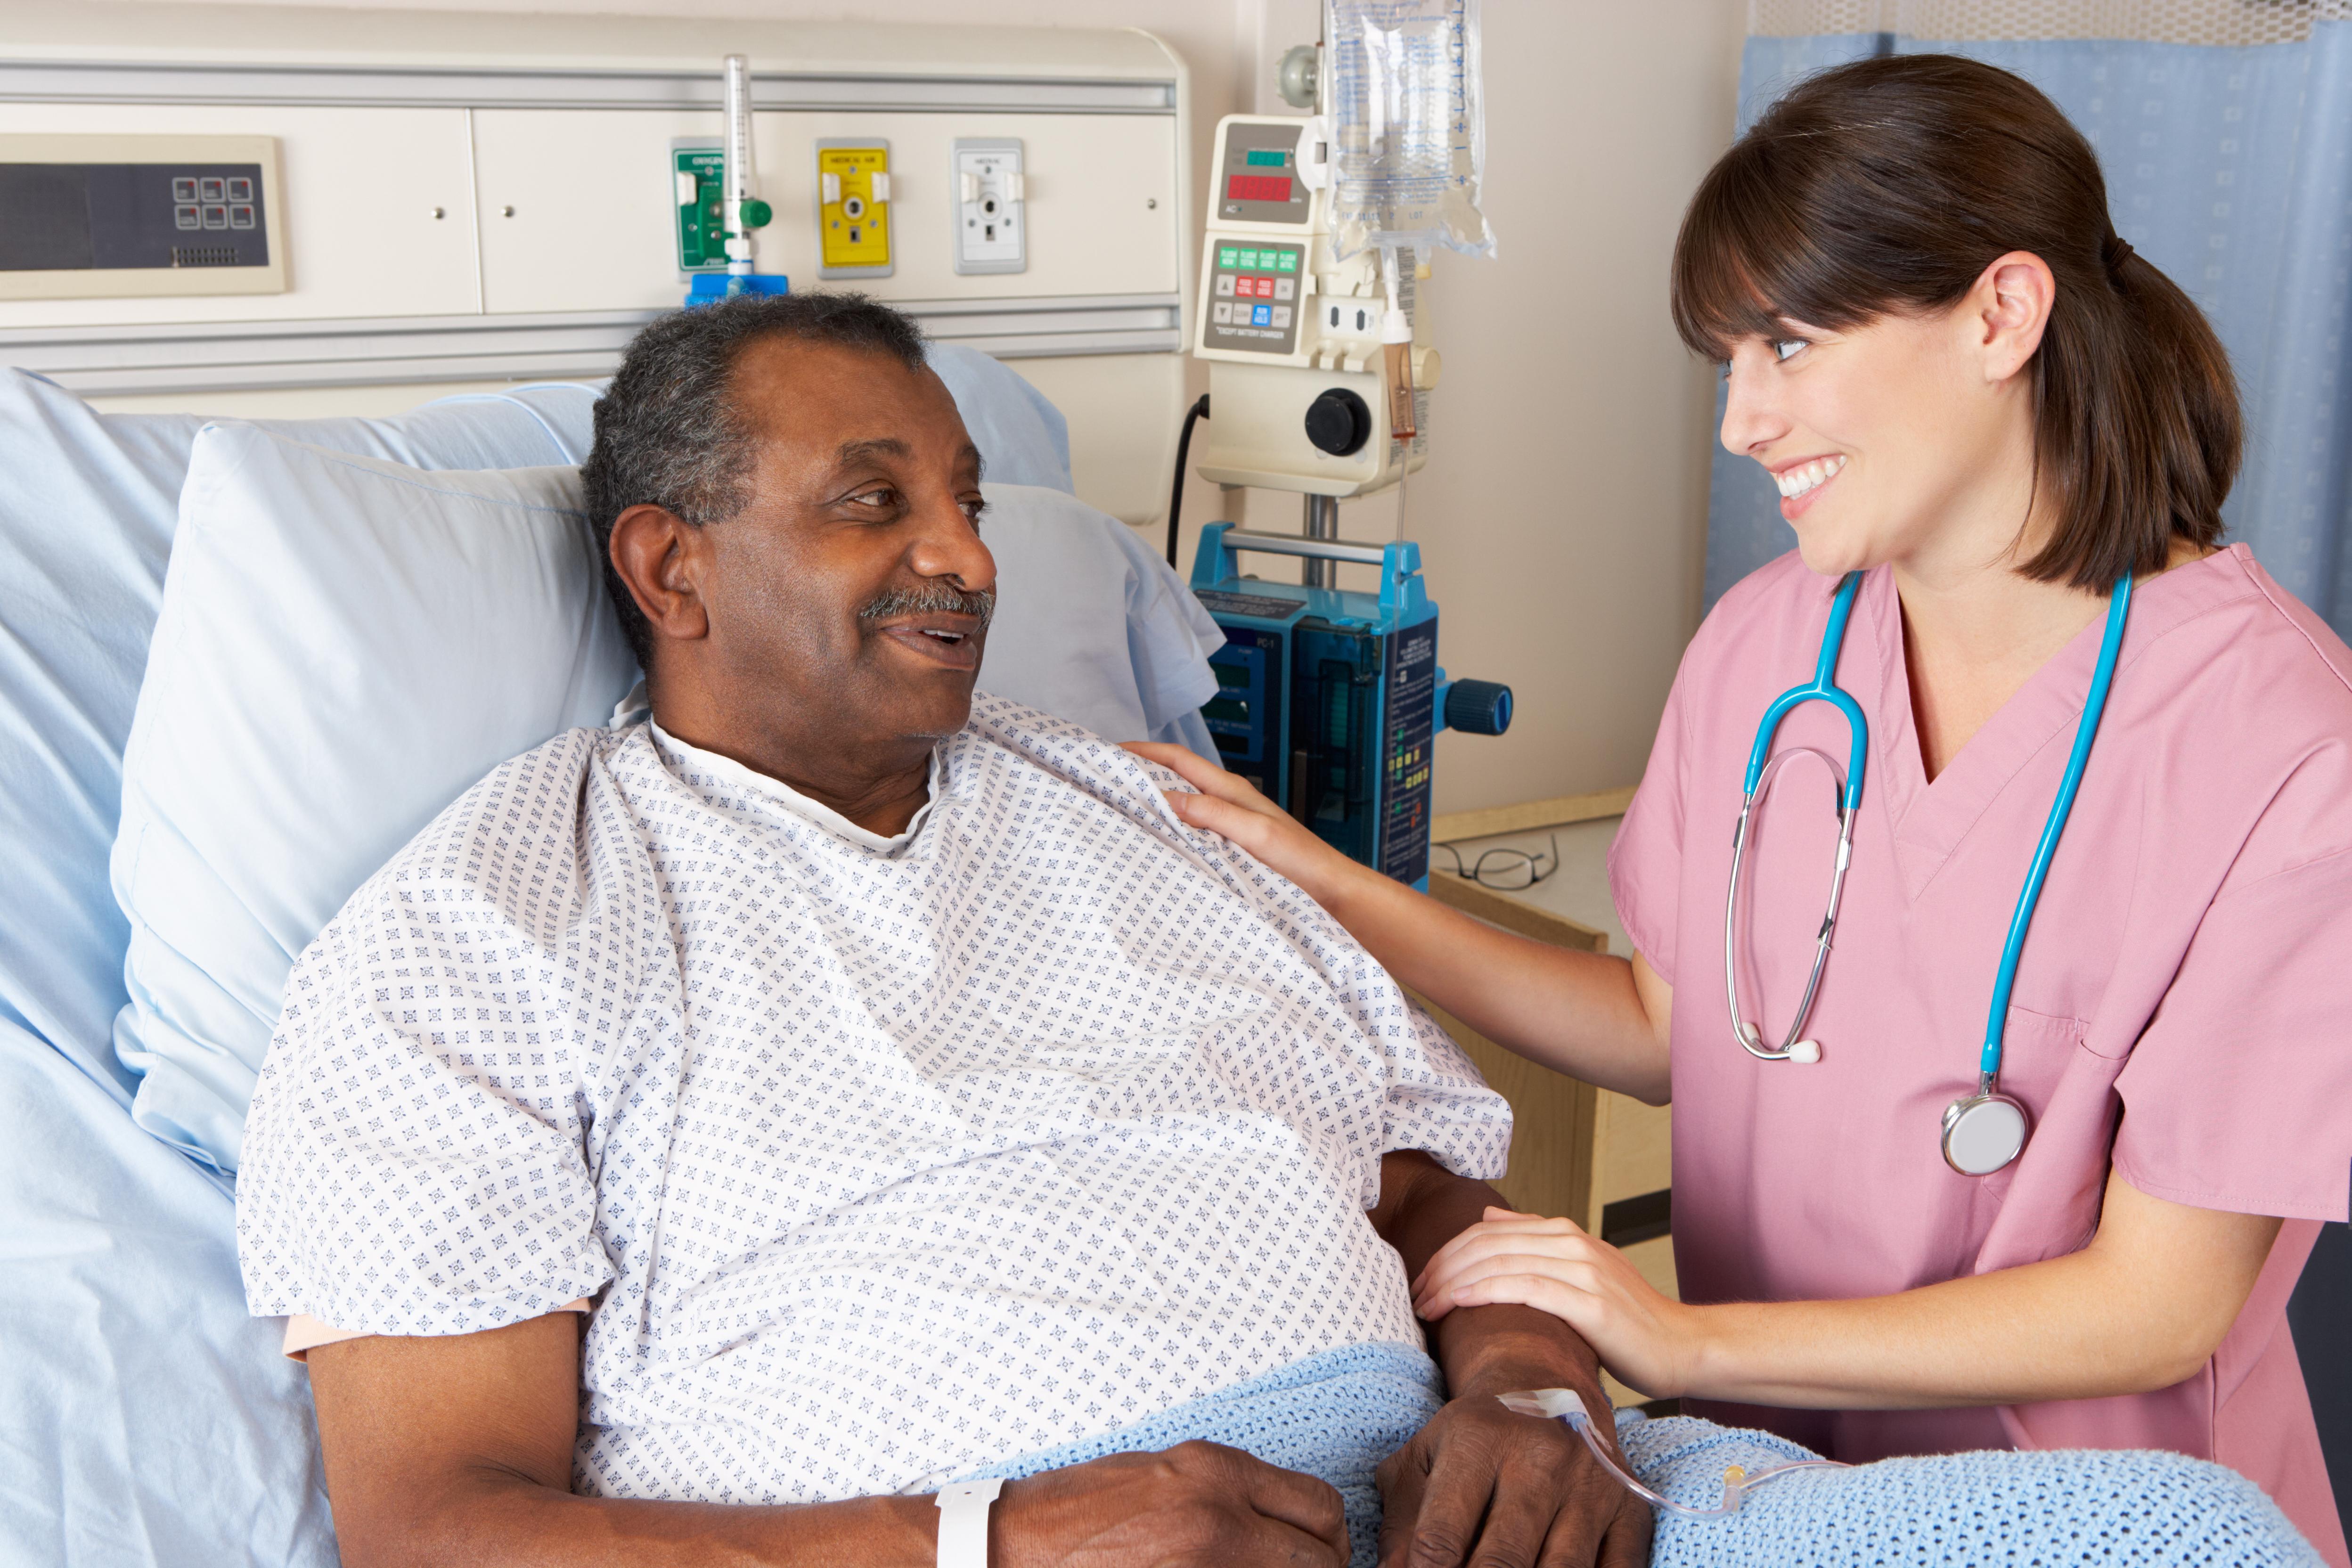 Personlig coach ska hjälpa patienter att lägga om levnadsvanorna